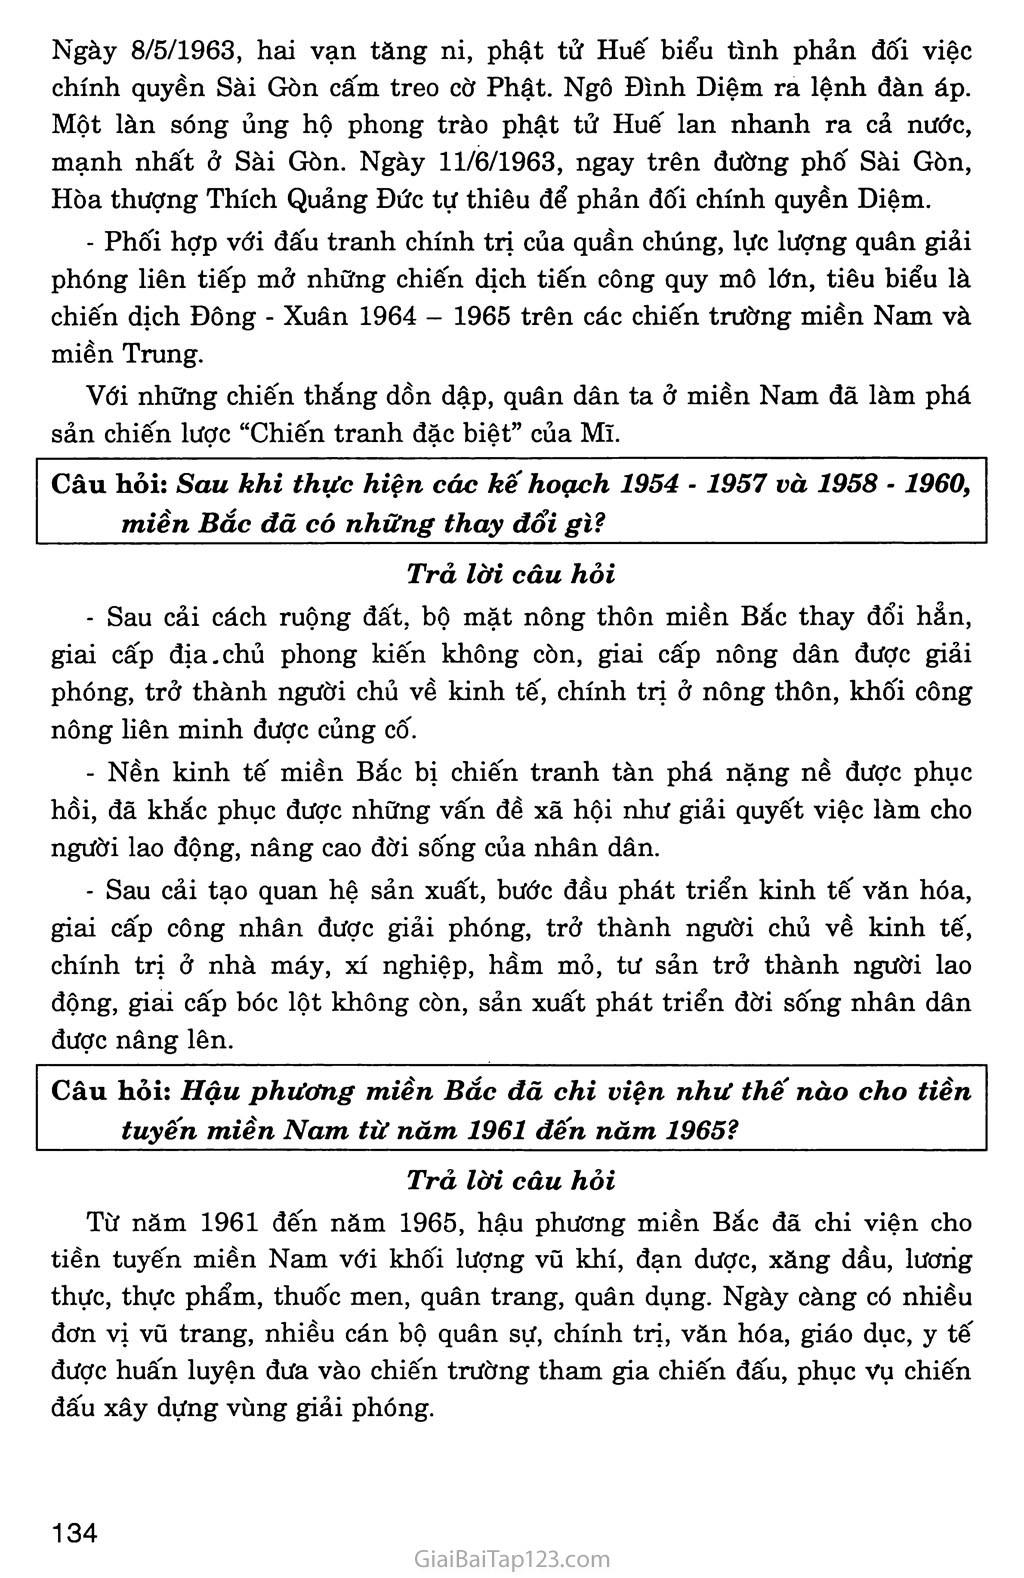 Bài 28: Xây dựng chủ nghĩa xã hội ở miền Bắc, đấu tranh chống đế quốc Mĩ và chính quyền Sài Gòn ở miền Nam (1954 - 1965) trang 10